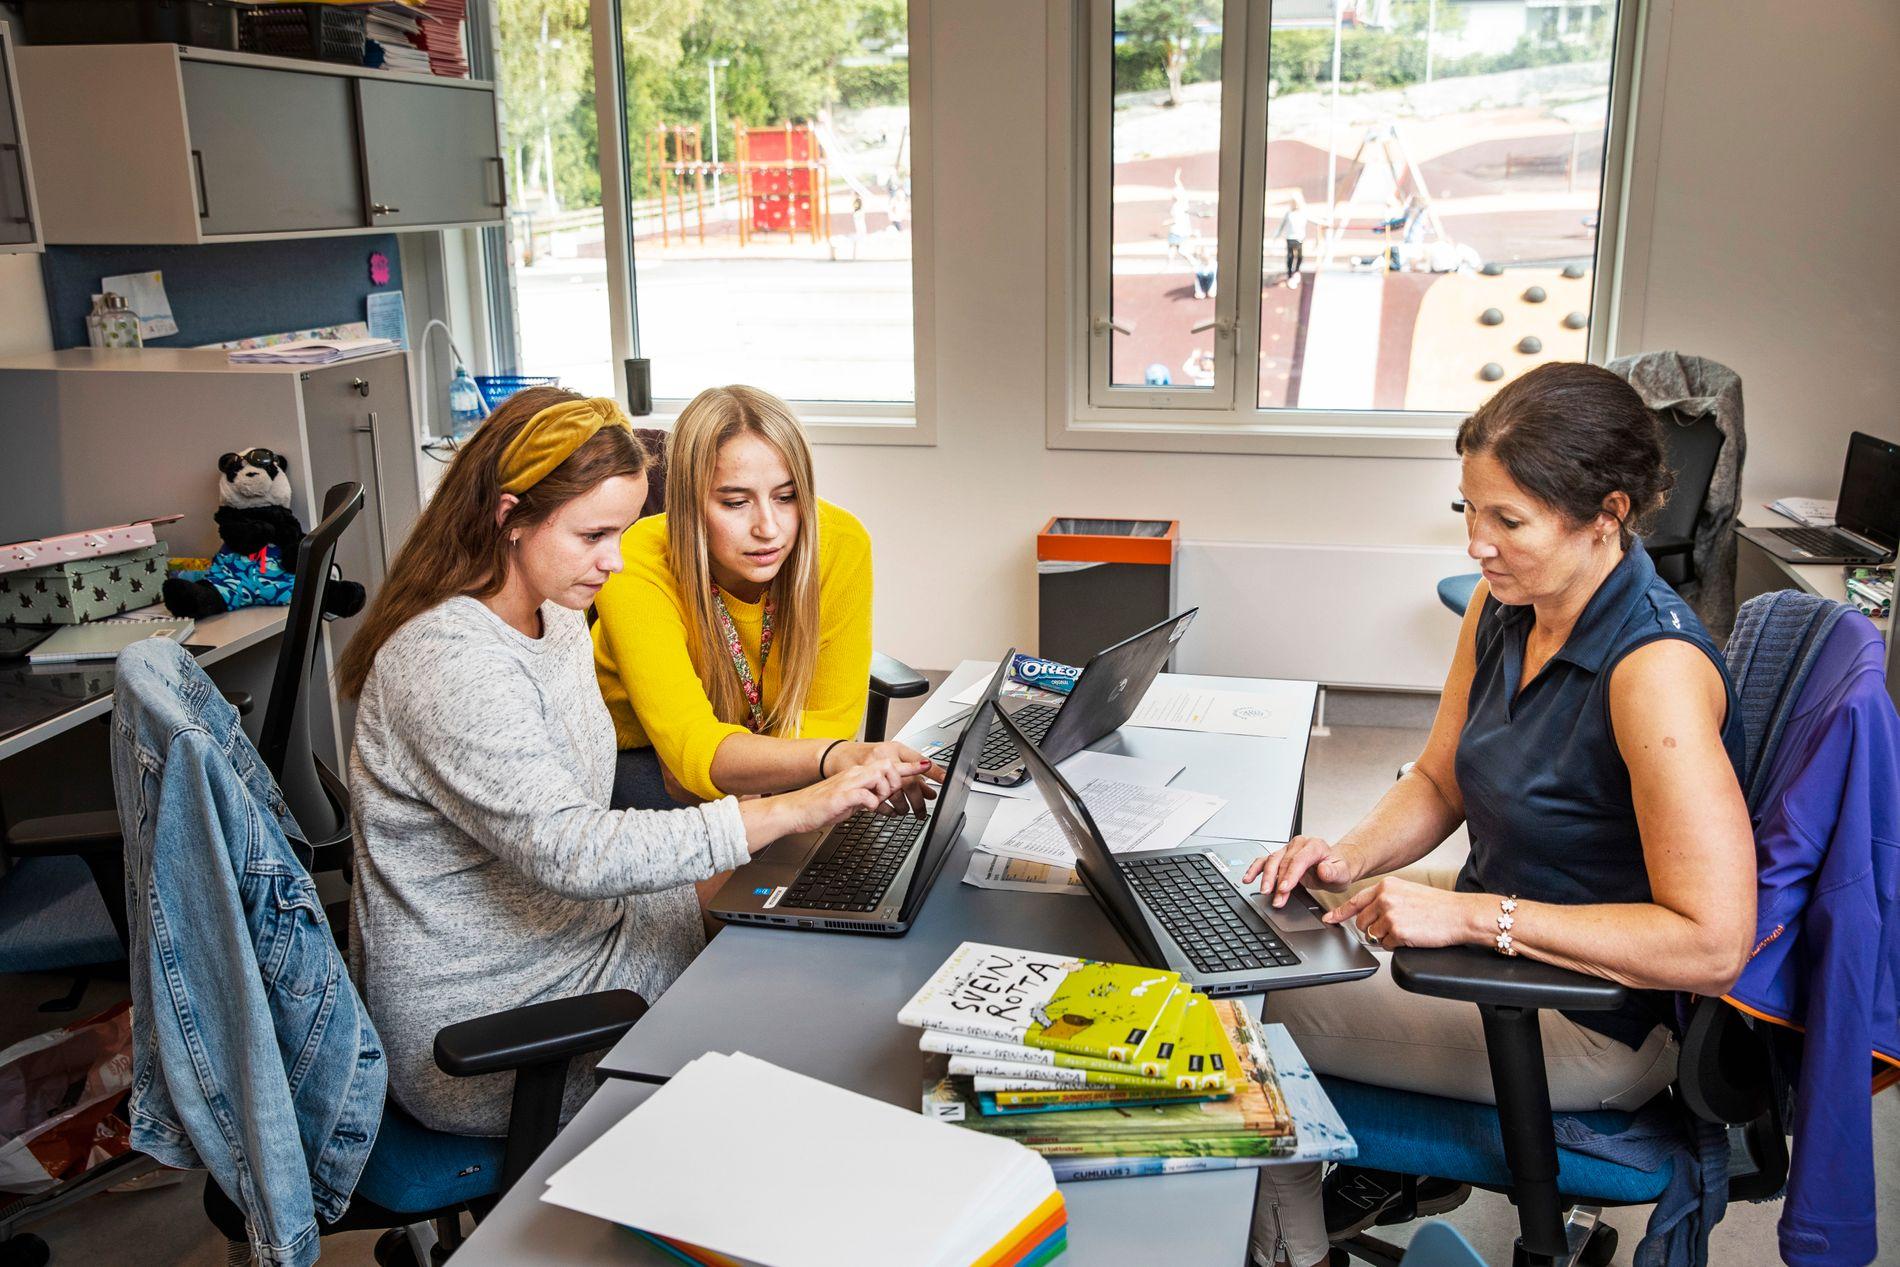 NYANSATTE: Tiril Kvisvik Siljeholt (f.v.), Tiri Anine Castro Meum og Nina Christelle Godin er alle nyansatte lærere på Munkerud skoles 2. trinn. De tror den nye lærernormen vil føre til tettere oppfølging av elevene.